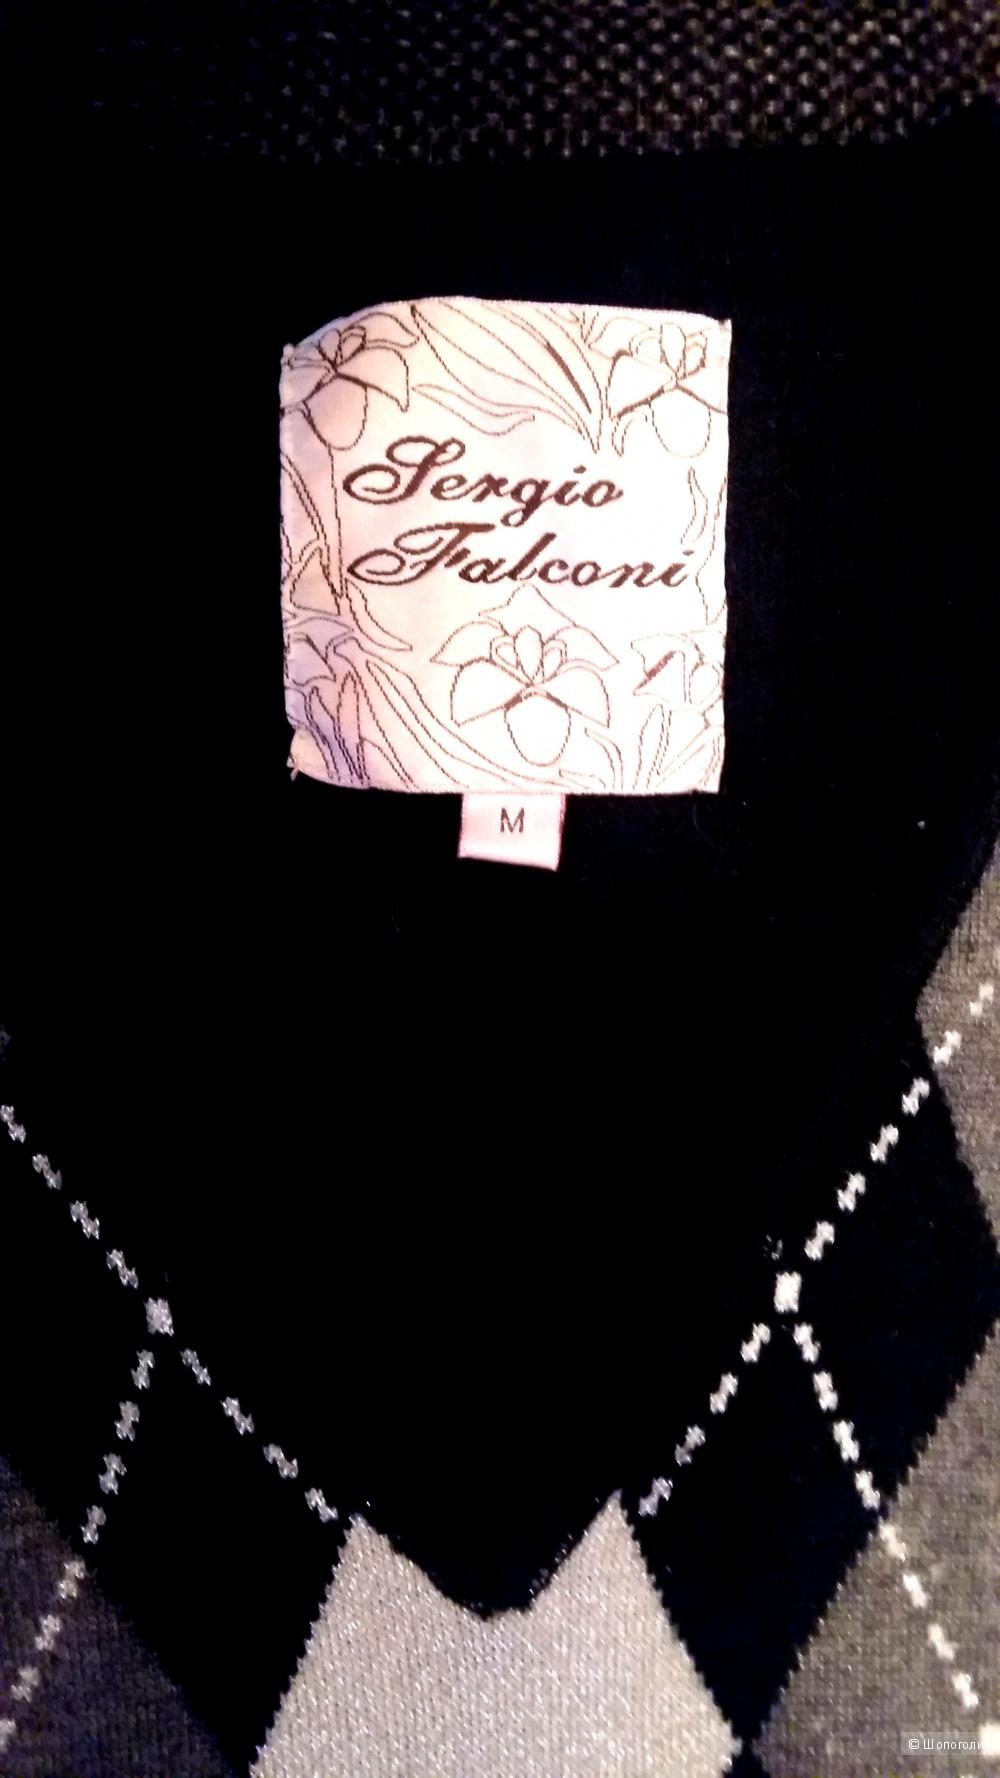 Кофта Sergio Falconi. Италия 44-46р.